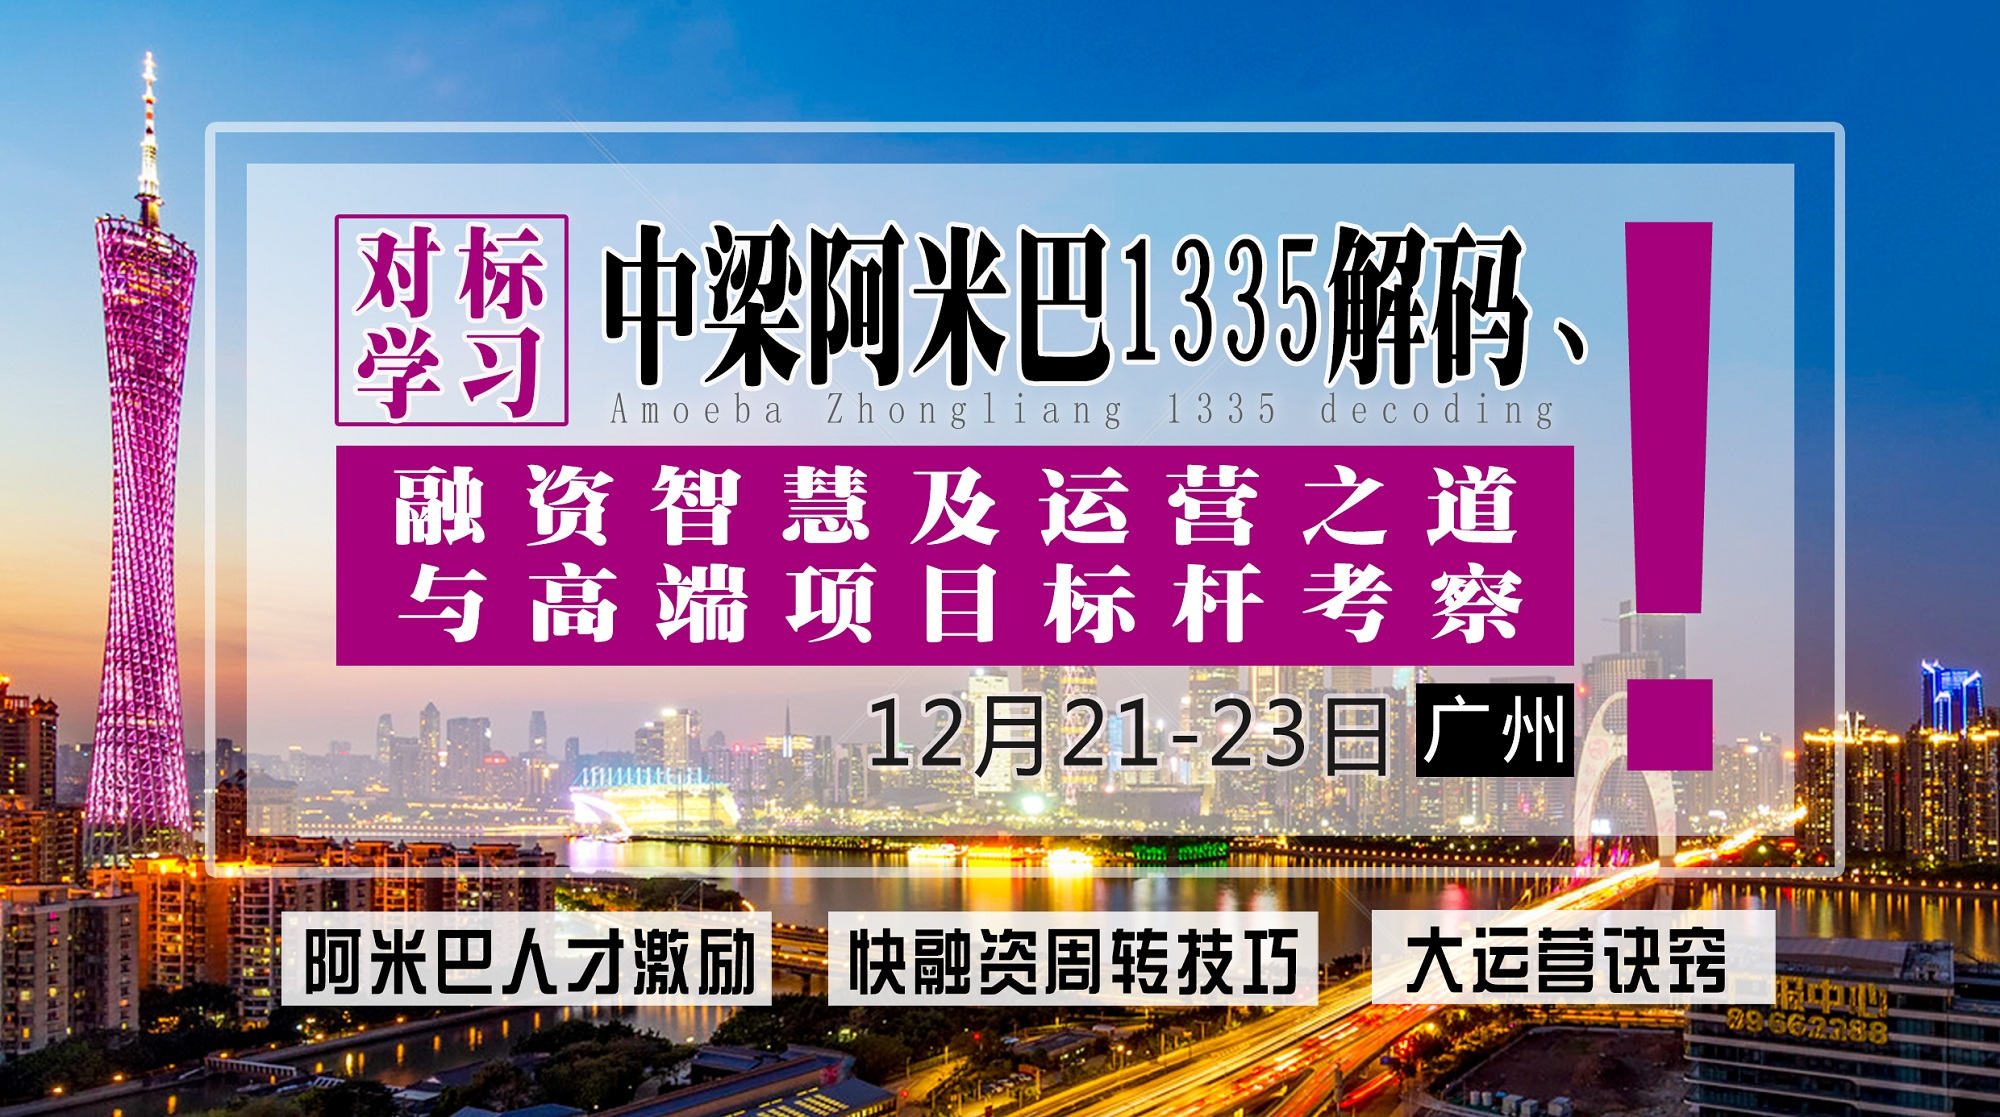 12月21-23日【广州】《对标学习——中梁阿米巴1335解码、融资智慧及运营之道与高端项目标杆考察》